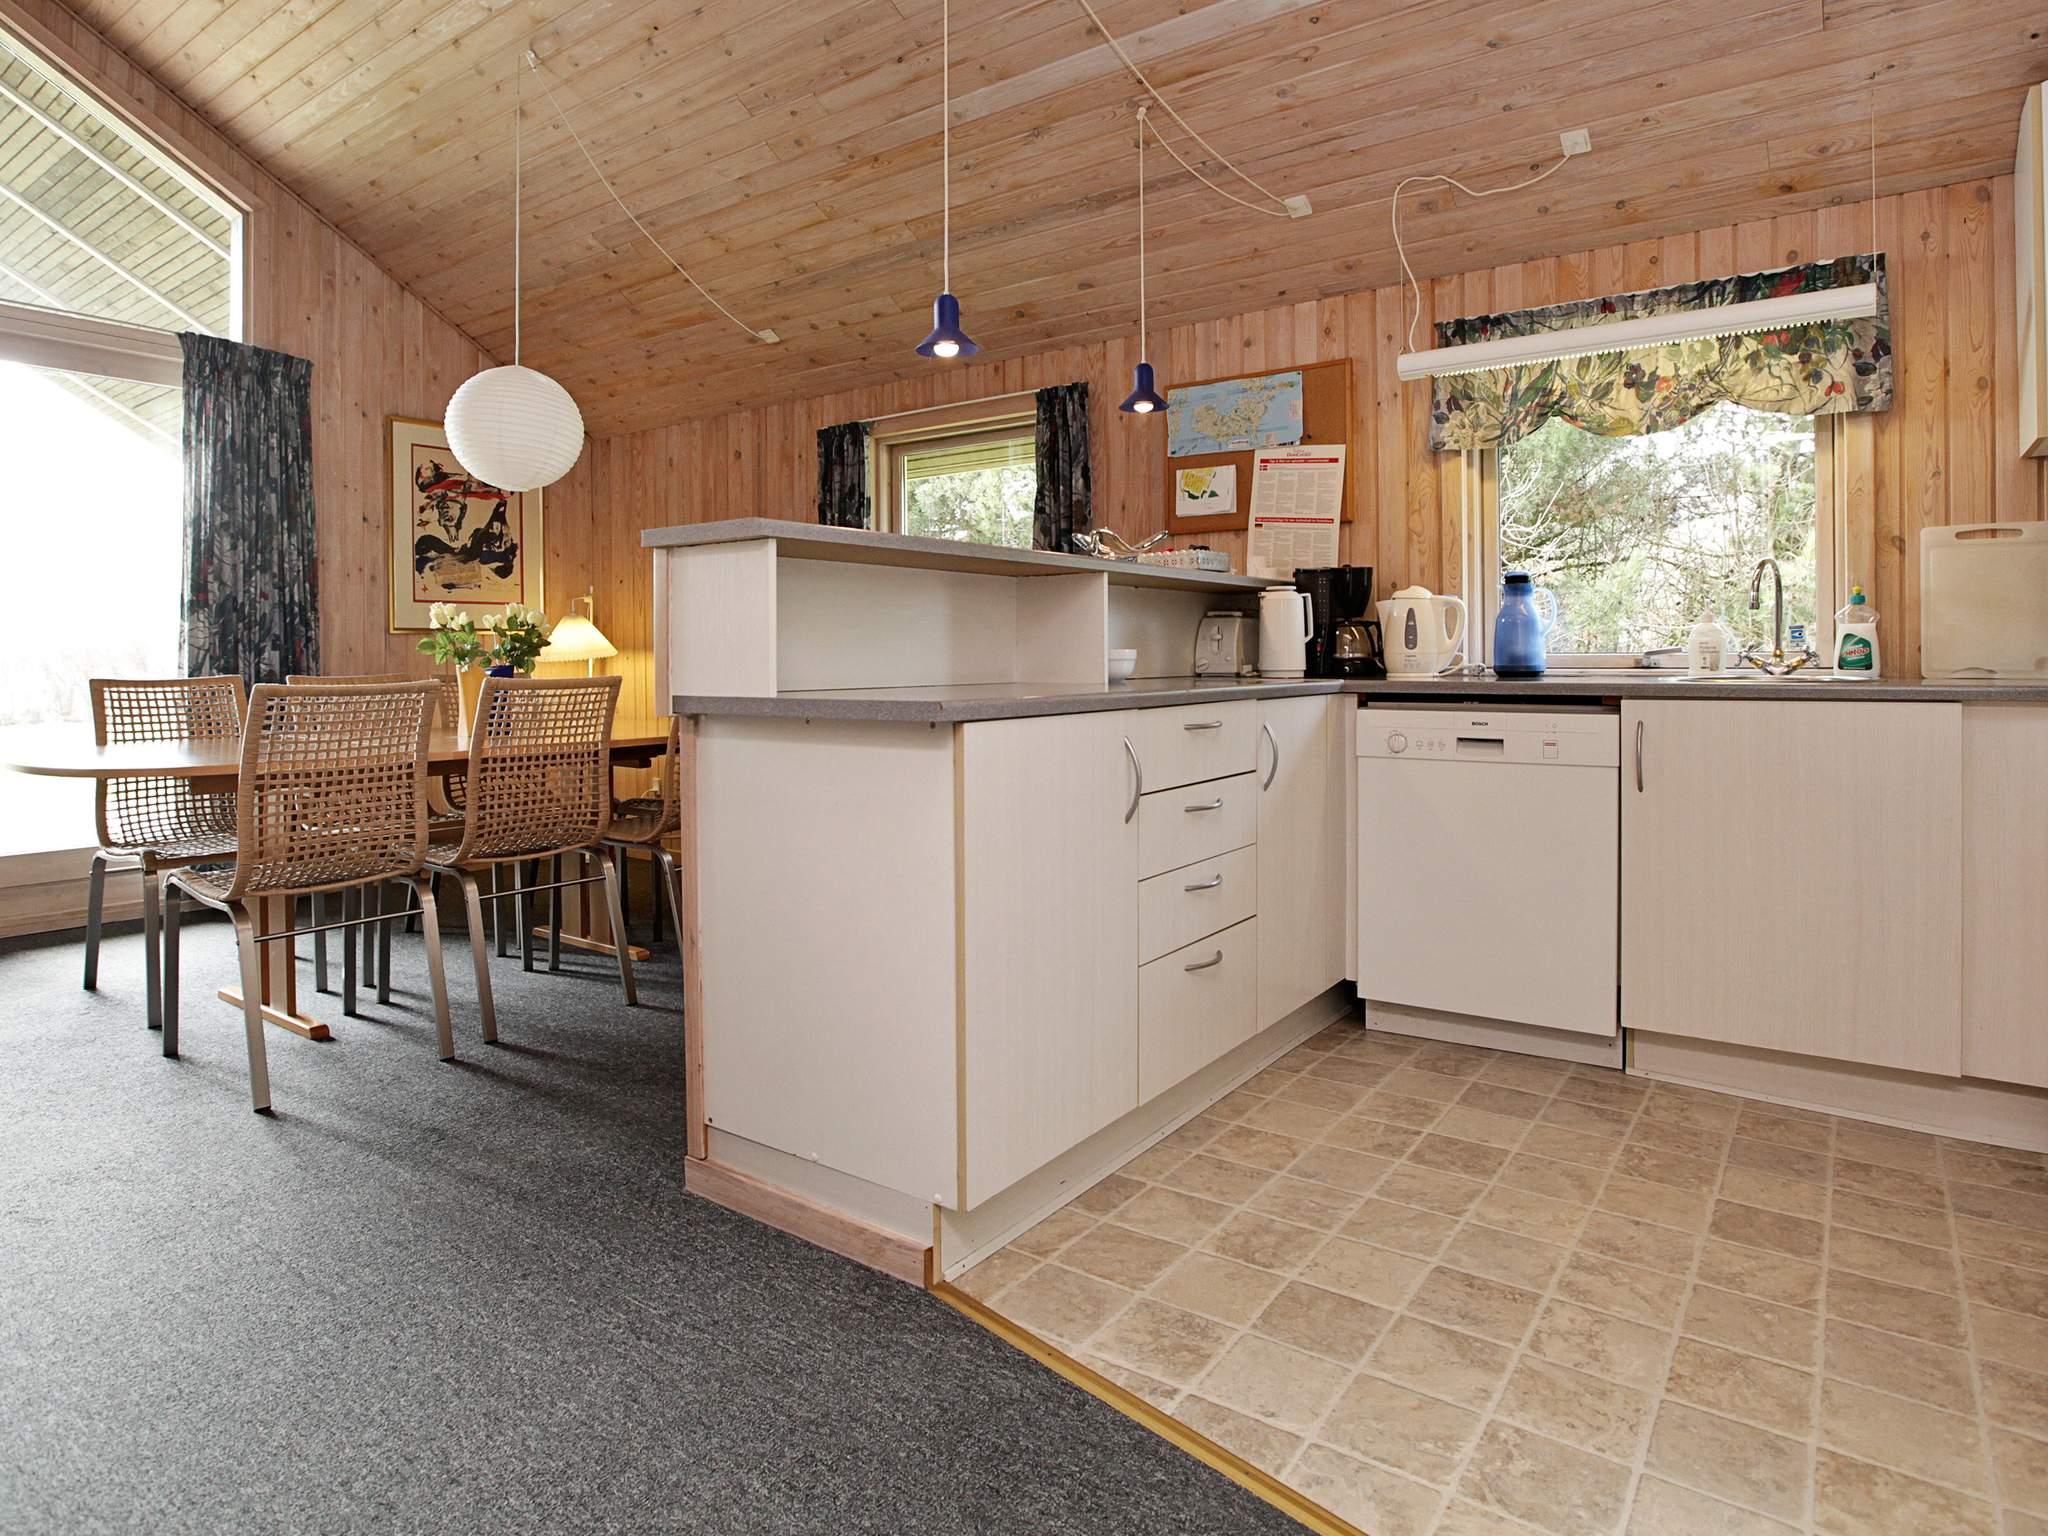 Ferienhaus Hummingen (84295), Hummingen, , Lolland, Dänemark, Bild 7